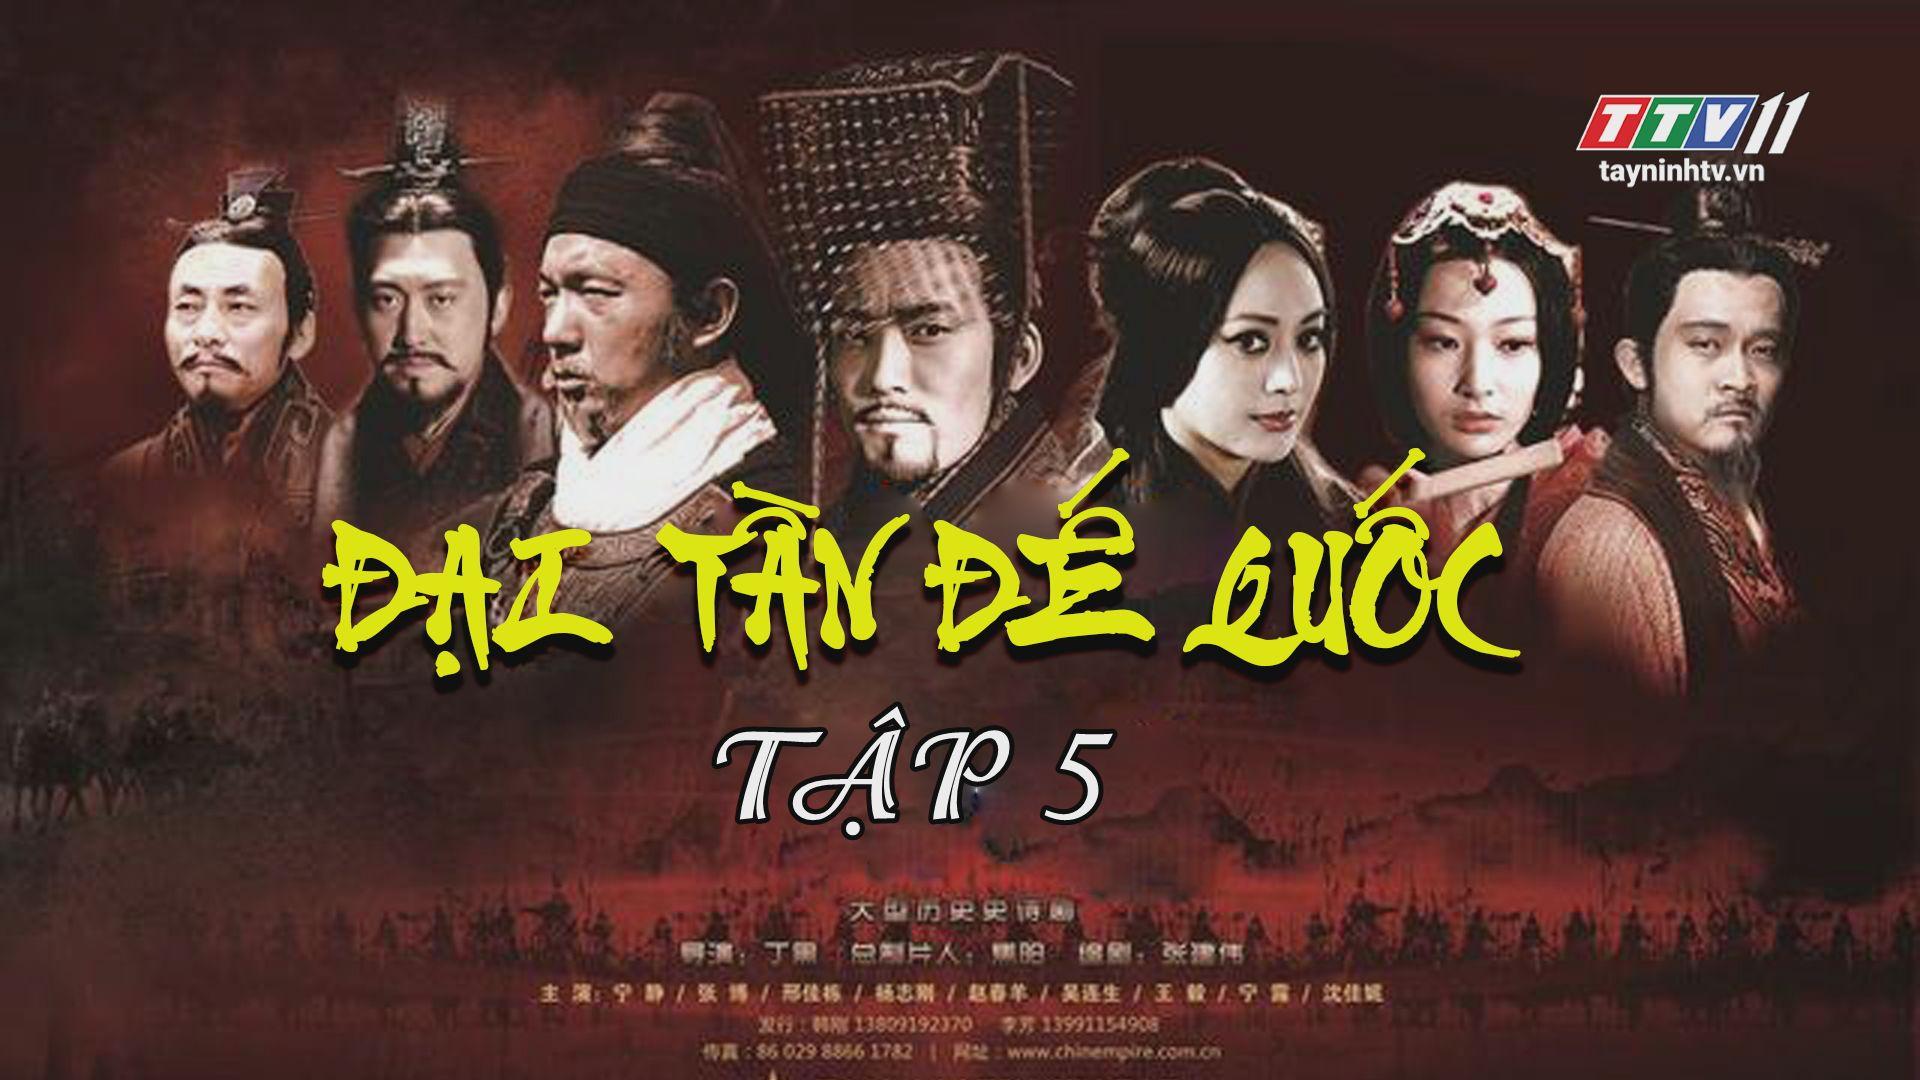 Tập 5 | ĐẠI TẦN ĐẾ QUỐC - Phần 3 | TayNinhTV